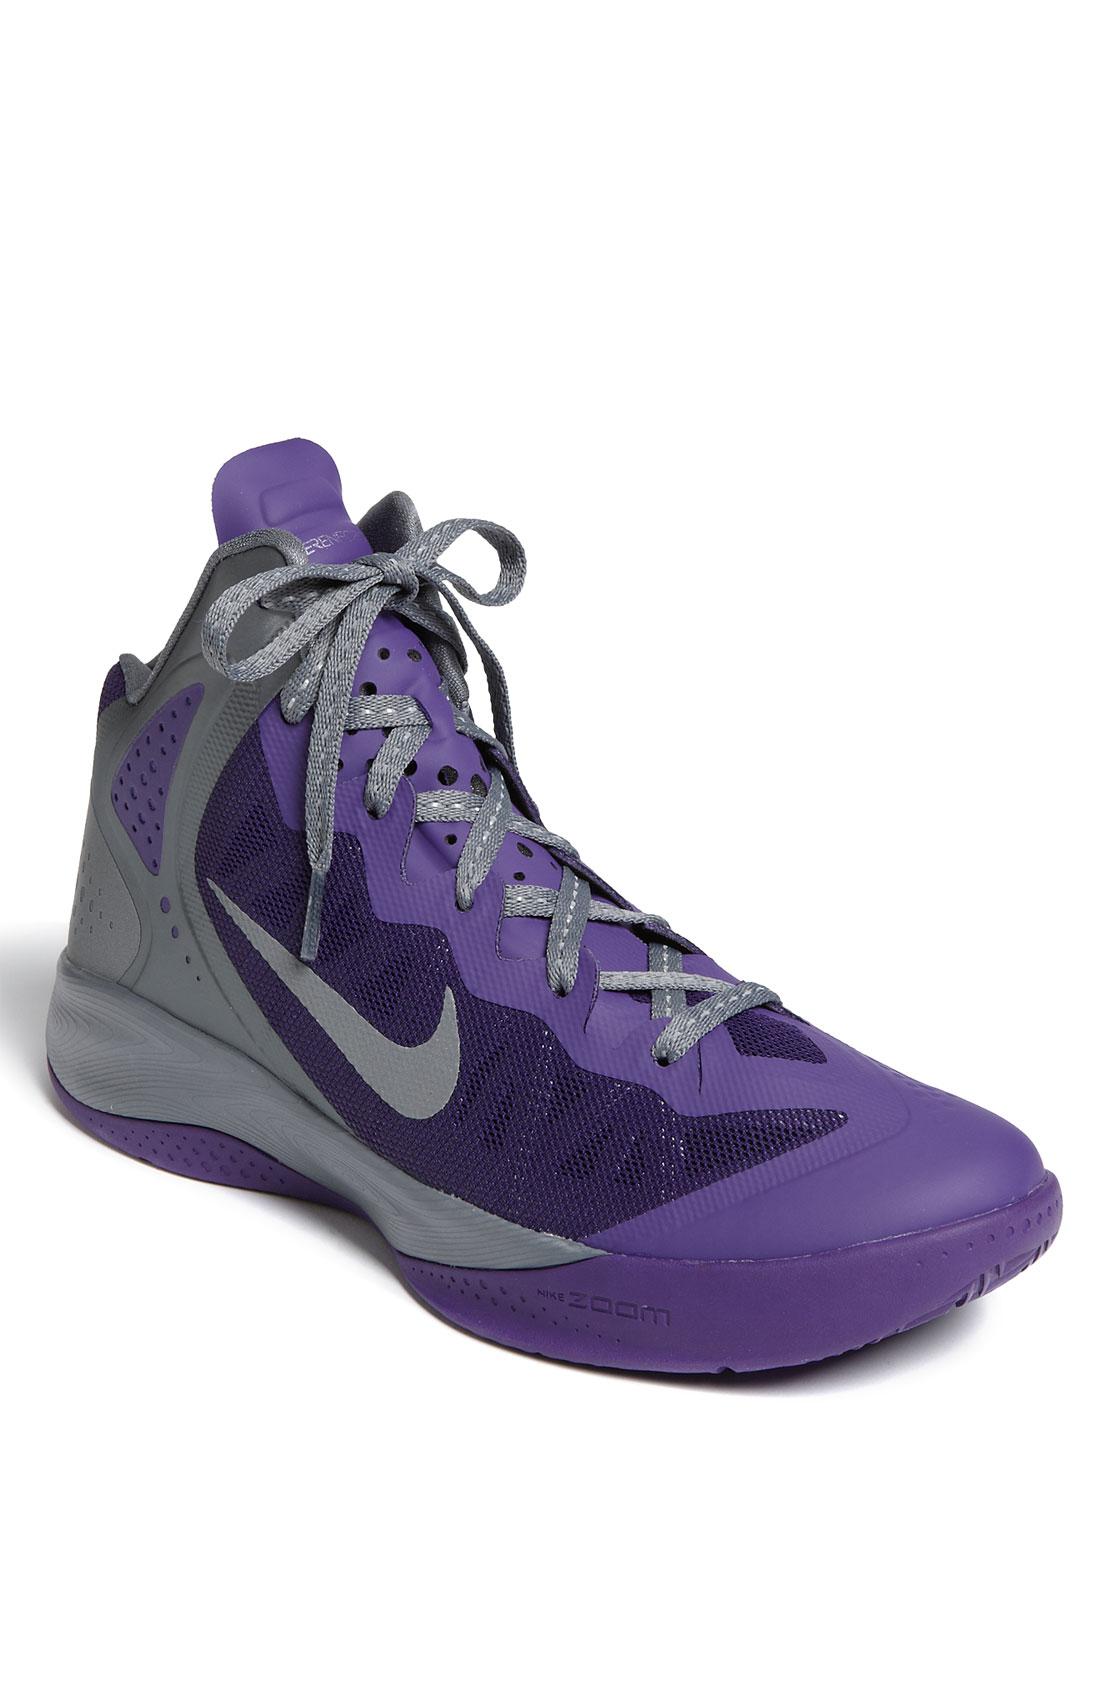 nike zoom hyper enforcer pe basketball shoe in purple for